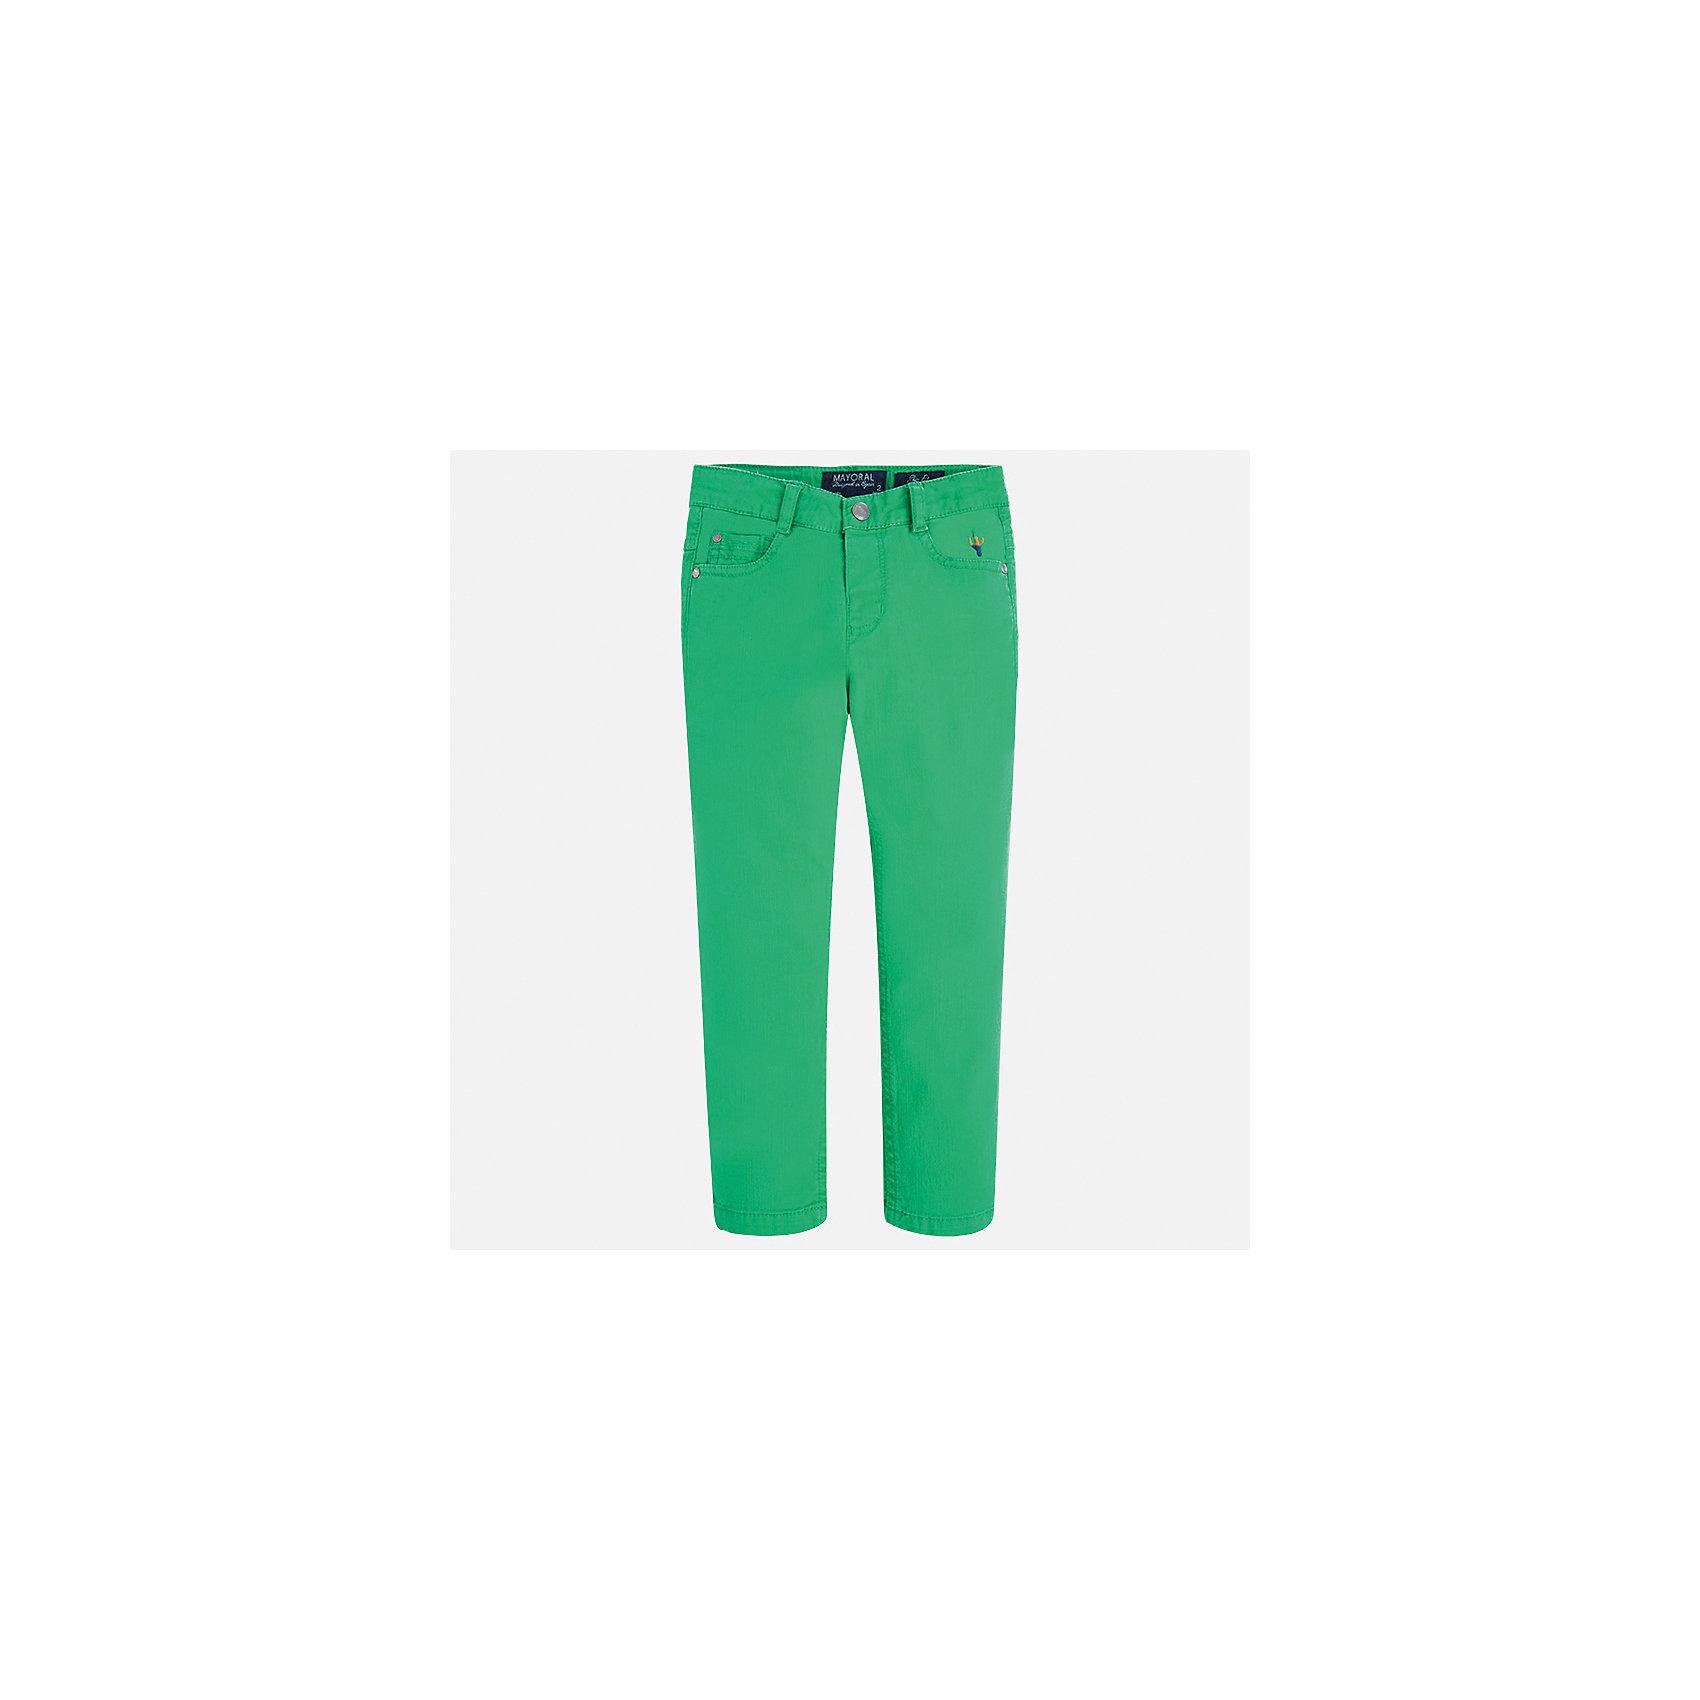 Брюки для мальчика MayoralХарактеристики товара:<br><br>• цвет: зеленый<br>• состав: 98% хлопок, 2% эластан<br>• вышивка <br>• шлевки<br>• карманы<br>• пояс с регулировкой объема<br>• классический силуэт<br>• страна бренда: Испания<br><br>Модные брюки для мальчика смогут стать базовой вещью в гардеробе ребенка. Они отлично сочетаются с майками, футболками, рубашками и т.д. Универсальный крой и цвет позволяет подобрать к вещи верх разных расцветок. Практичное и стильное изделие! В составе материала - натуральный хлопок, гипоаллергенный, приятный на ощупь, дышащий.<br><br>Одежда, обувь и аксессуары от испанского бренда Mayoral полюбились детям и взрослым по всему миру. Модели этой марки - стильные и удобные. Для их производства используются только безопасные, качественные материалы и фурнитура. Порадуйте ребенка модными и красивыми вещами от Mayoral! <br><br>Брюки для мальчика от испанского бренда Mayoral (Майорал) можно купить в нашем интернет-магазине.<br><br>Ширина мм: 215<br>Глубина мм: 88<br>Высота мм: 191<br>Вес г: 336<br>Цвет: зеленый<br>Возраст от месяцев: 84<br>Возраст до месяцев: 96<br>Пол: Мужской<br>Возраст: Детский<br>Размер: 92,134,122,116,110,104,98,128<br>SKU: 5280828